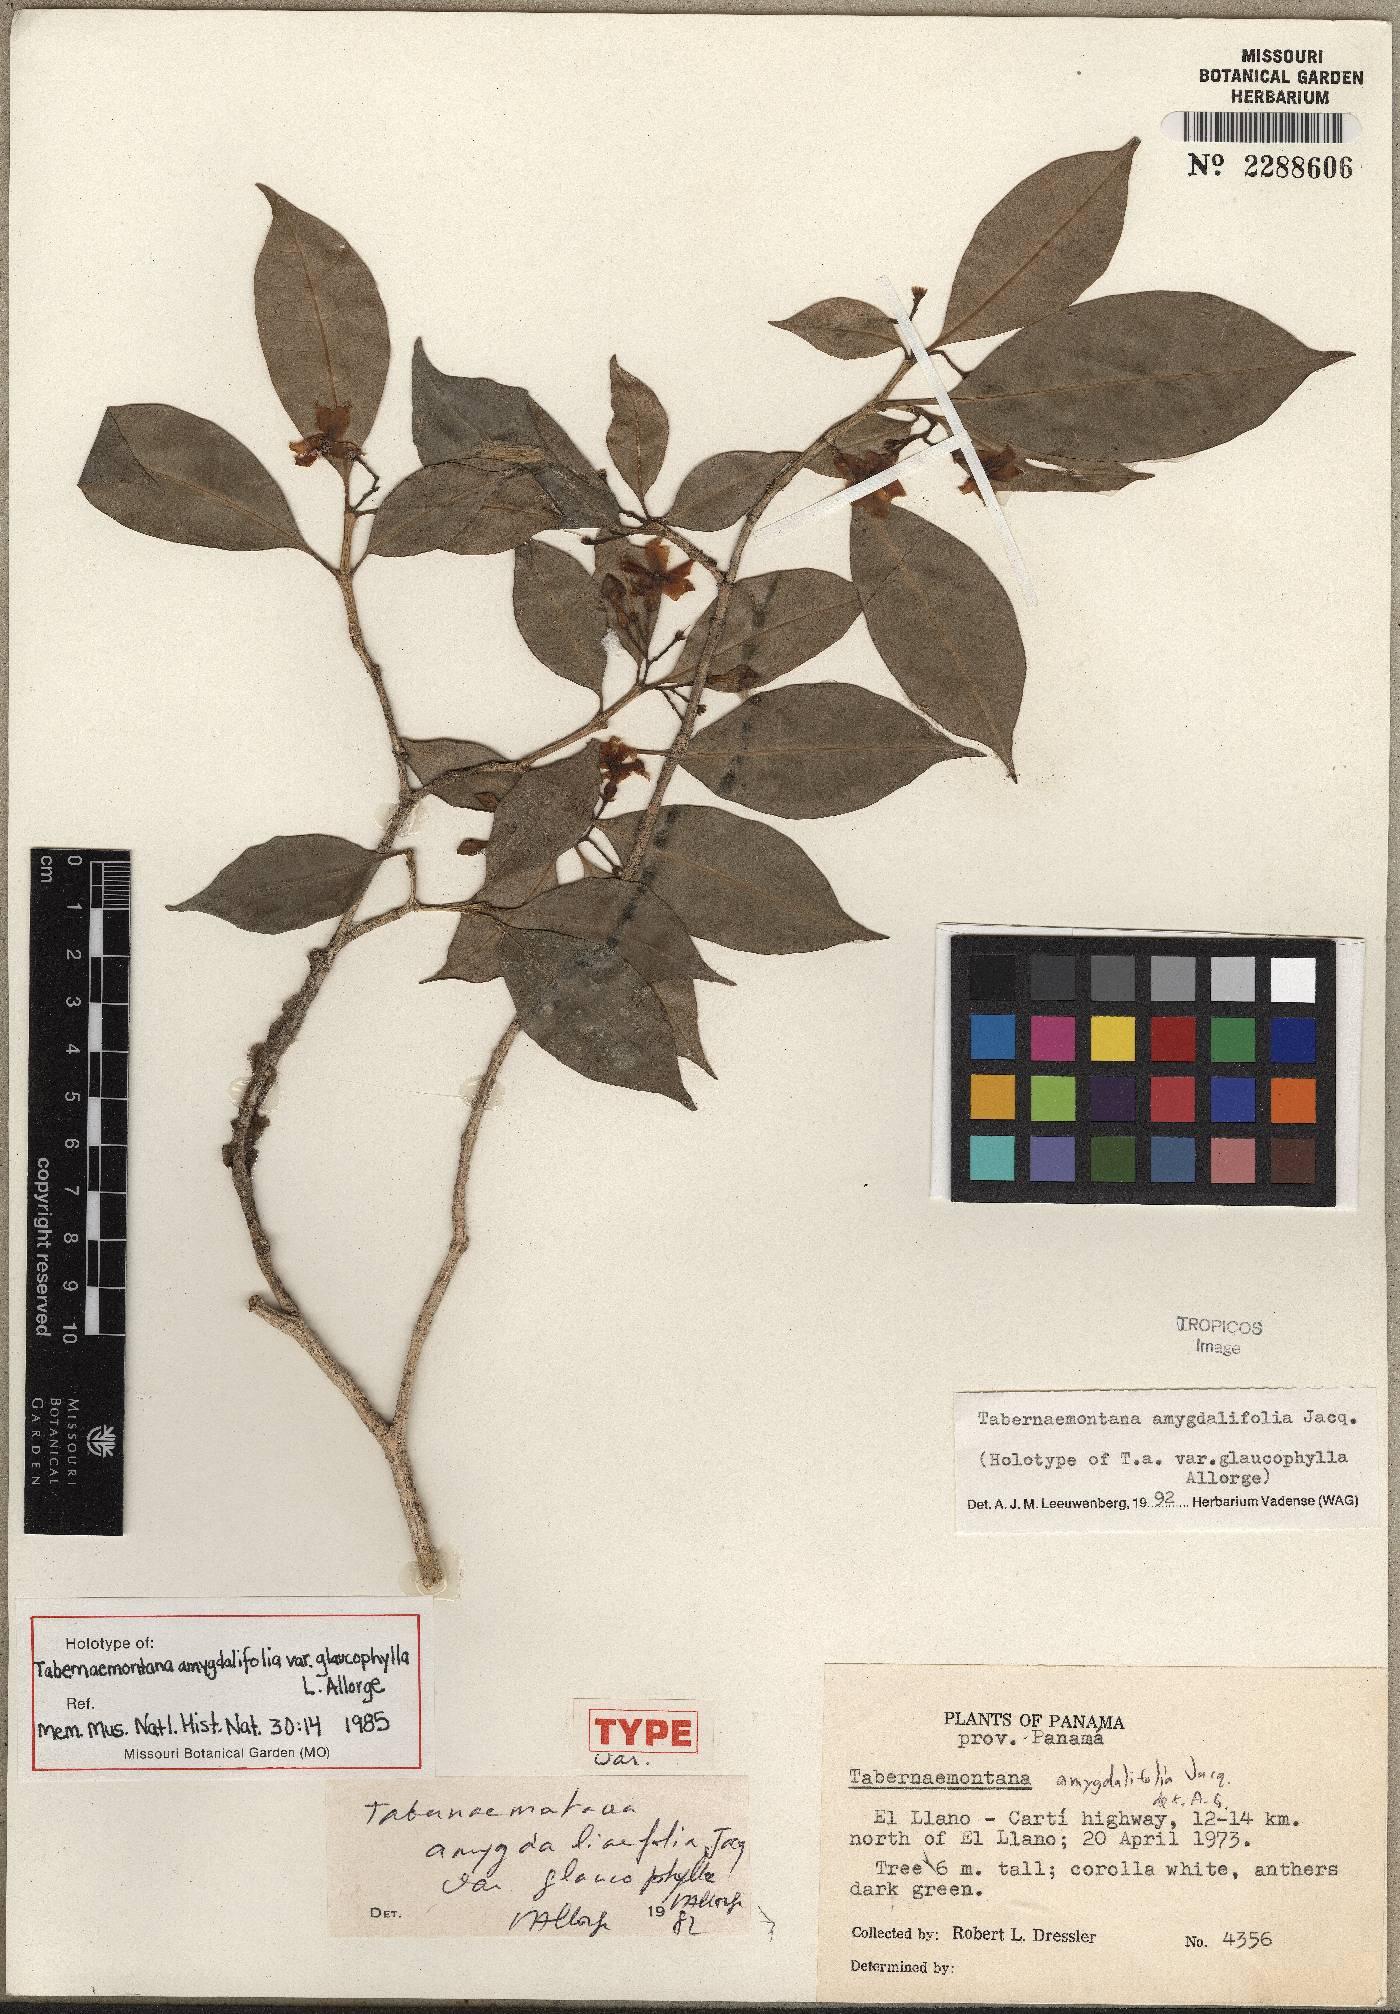 Tabernaemontana amygdalifolia image